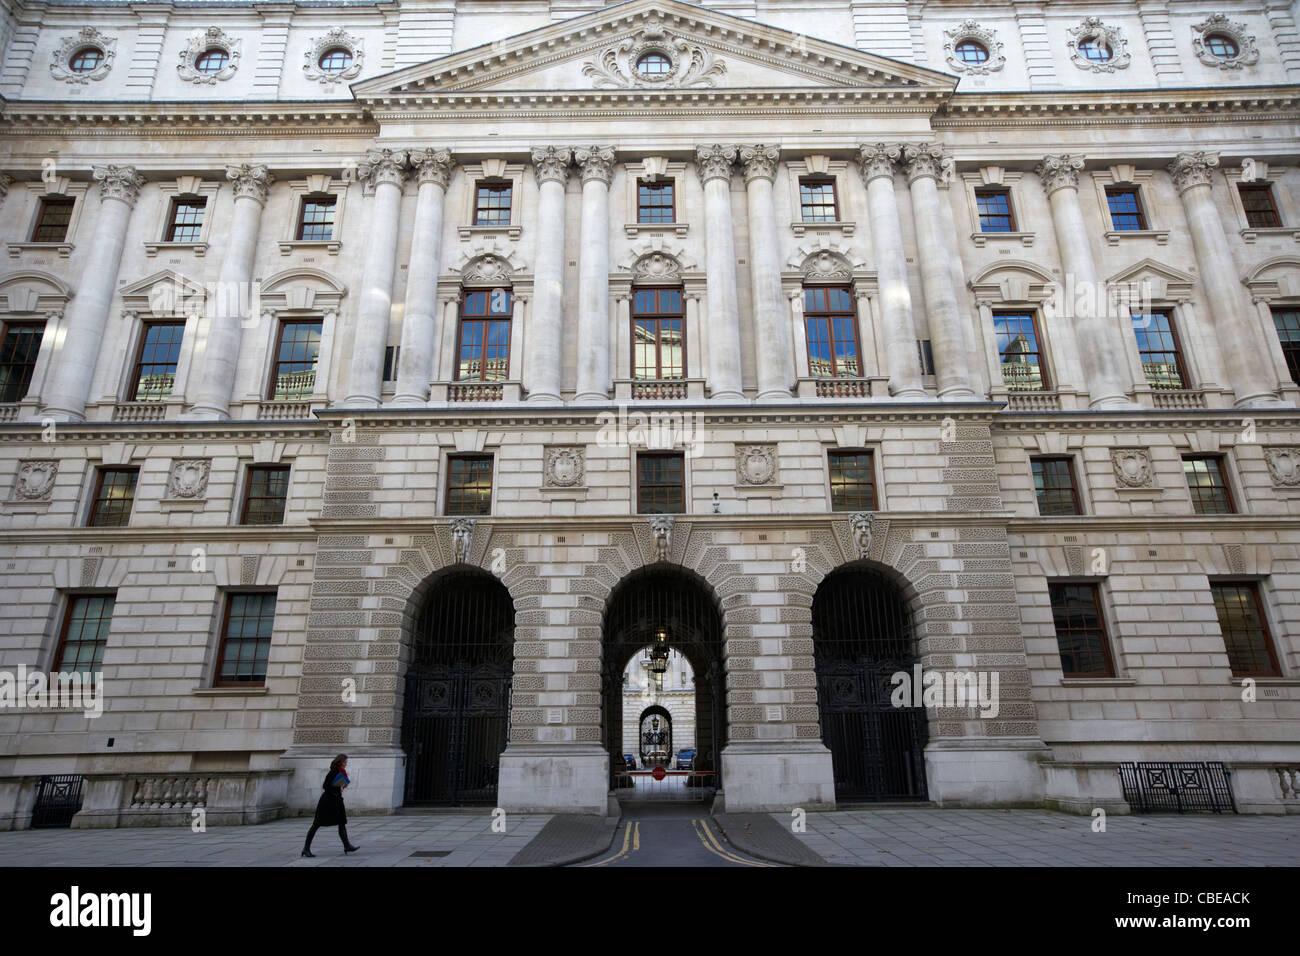 Hm revenue and customs et HM Treasury Building officiel du gouvernement britannique whitehall Londres Angleterre Photo Stock